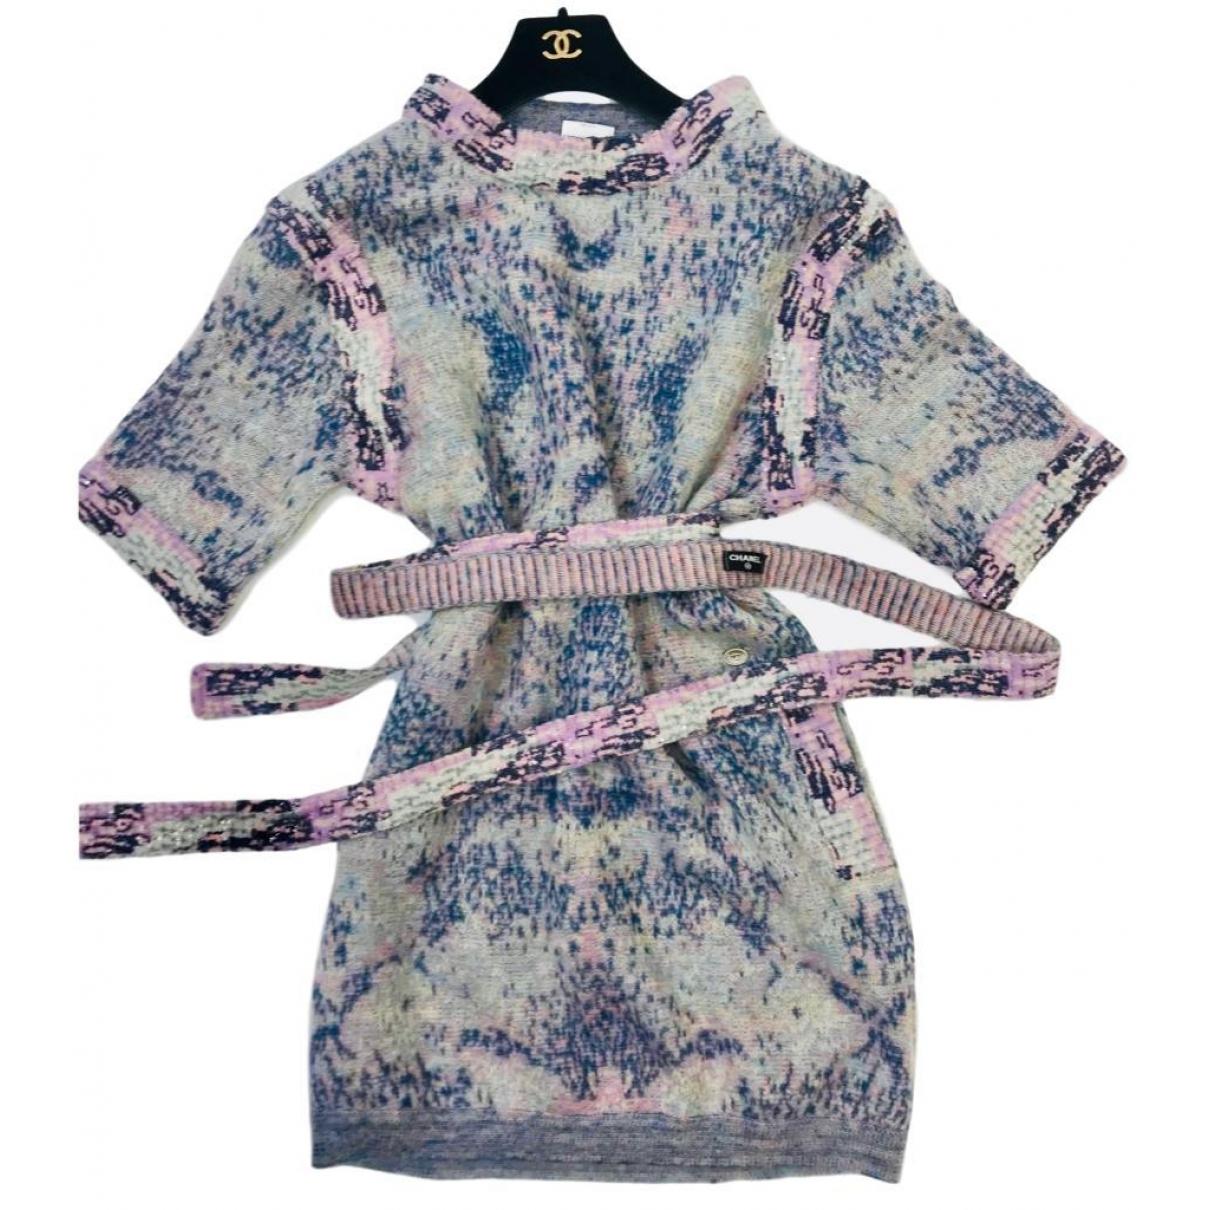 Chanel \N Kleid in  Bunt Wolle